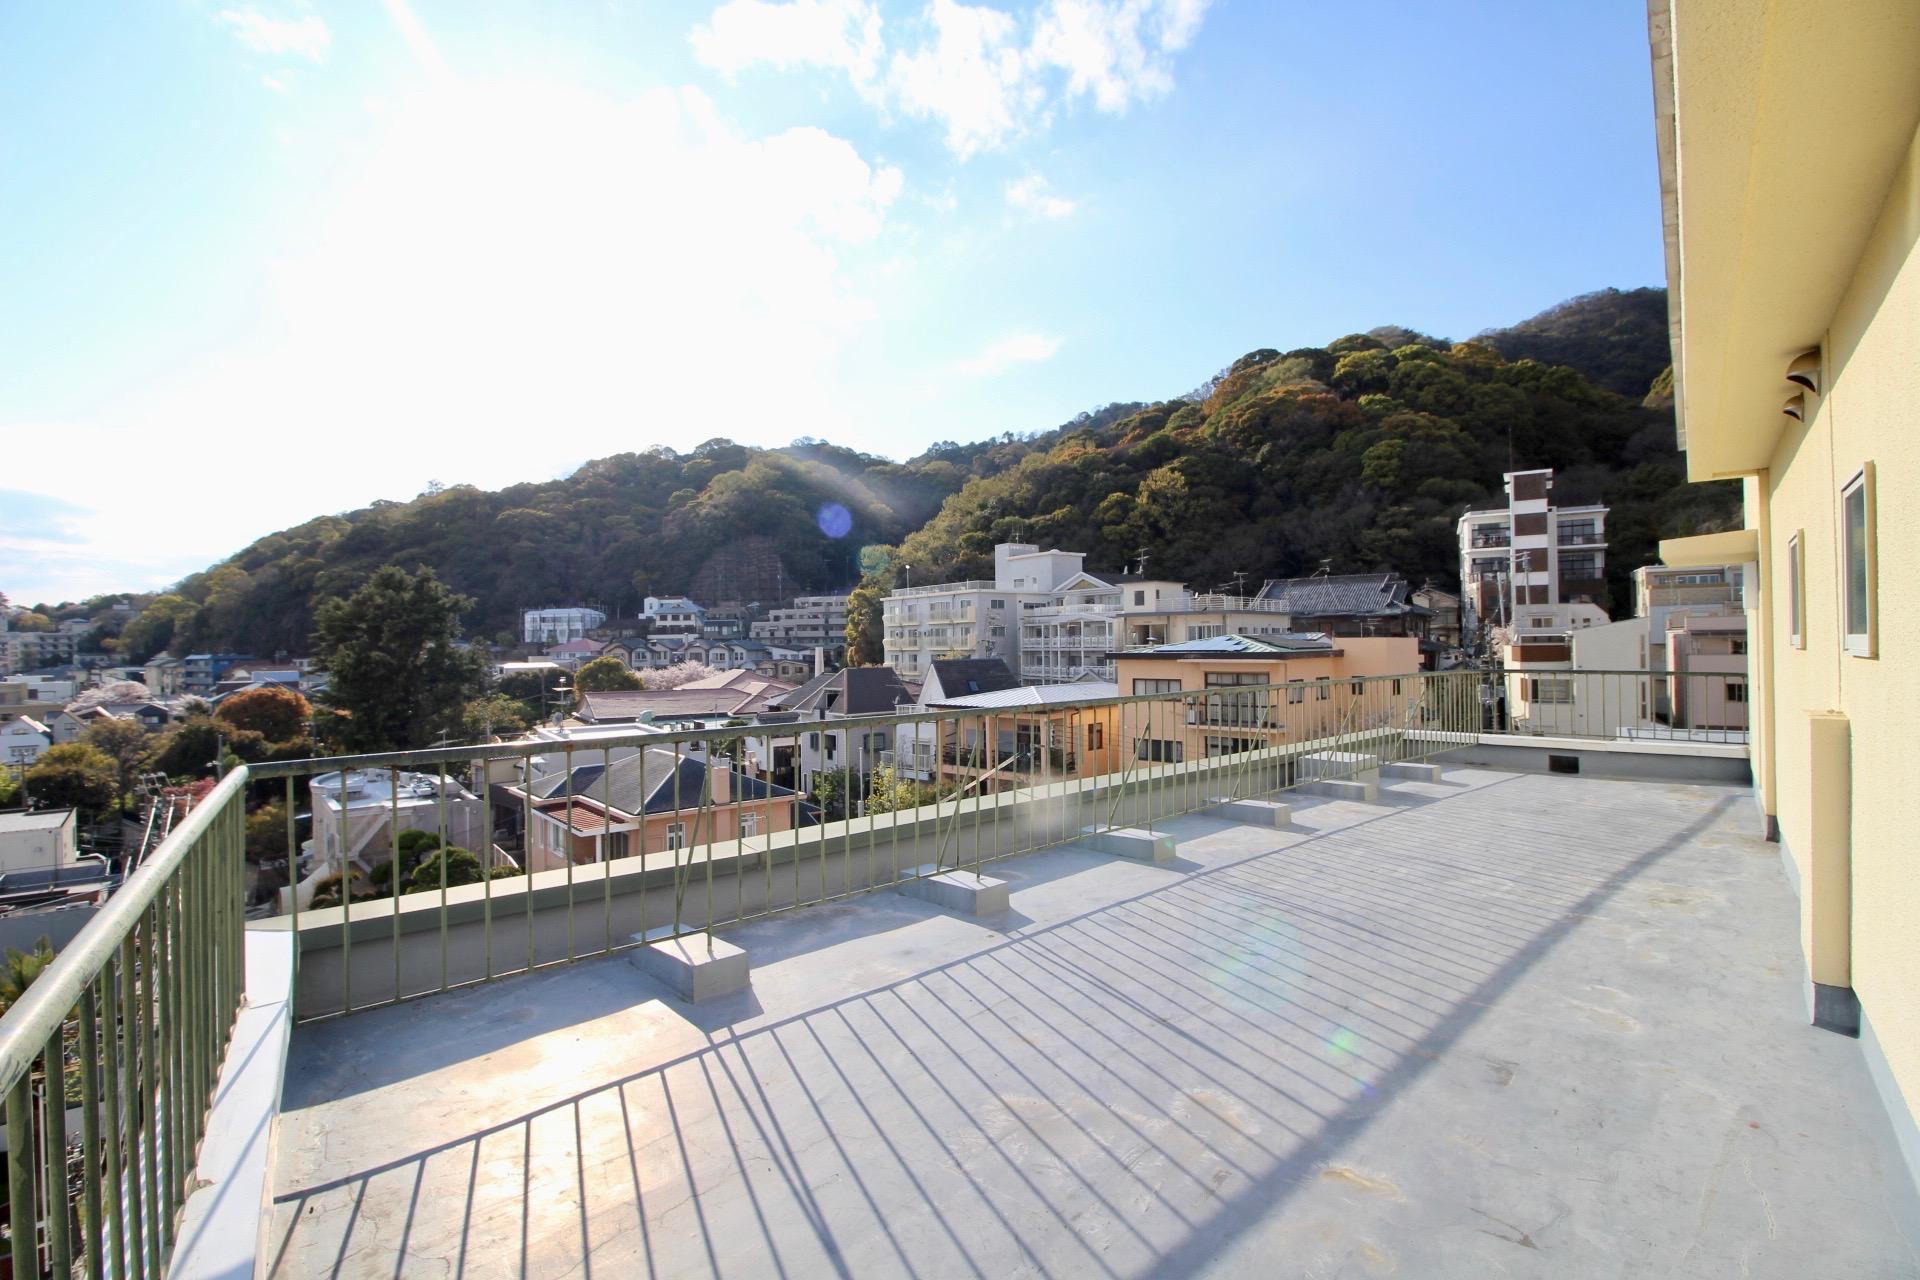 ぐるりルーフで屋上生活 (神戸市中央区北野町の物件) - 神戸R不動産